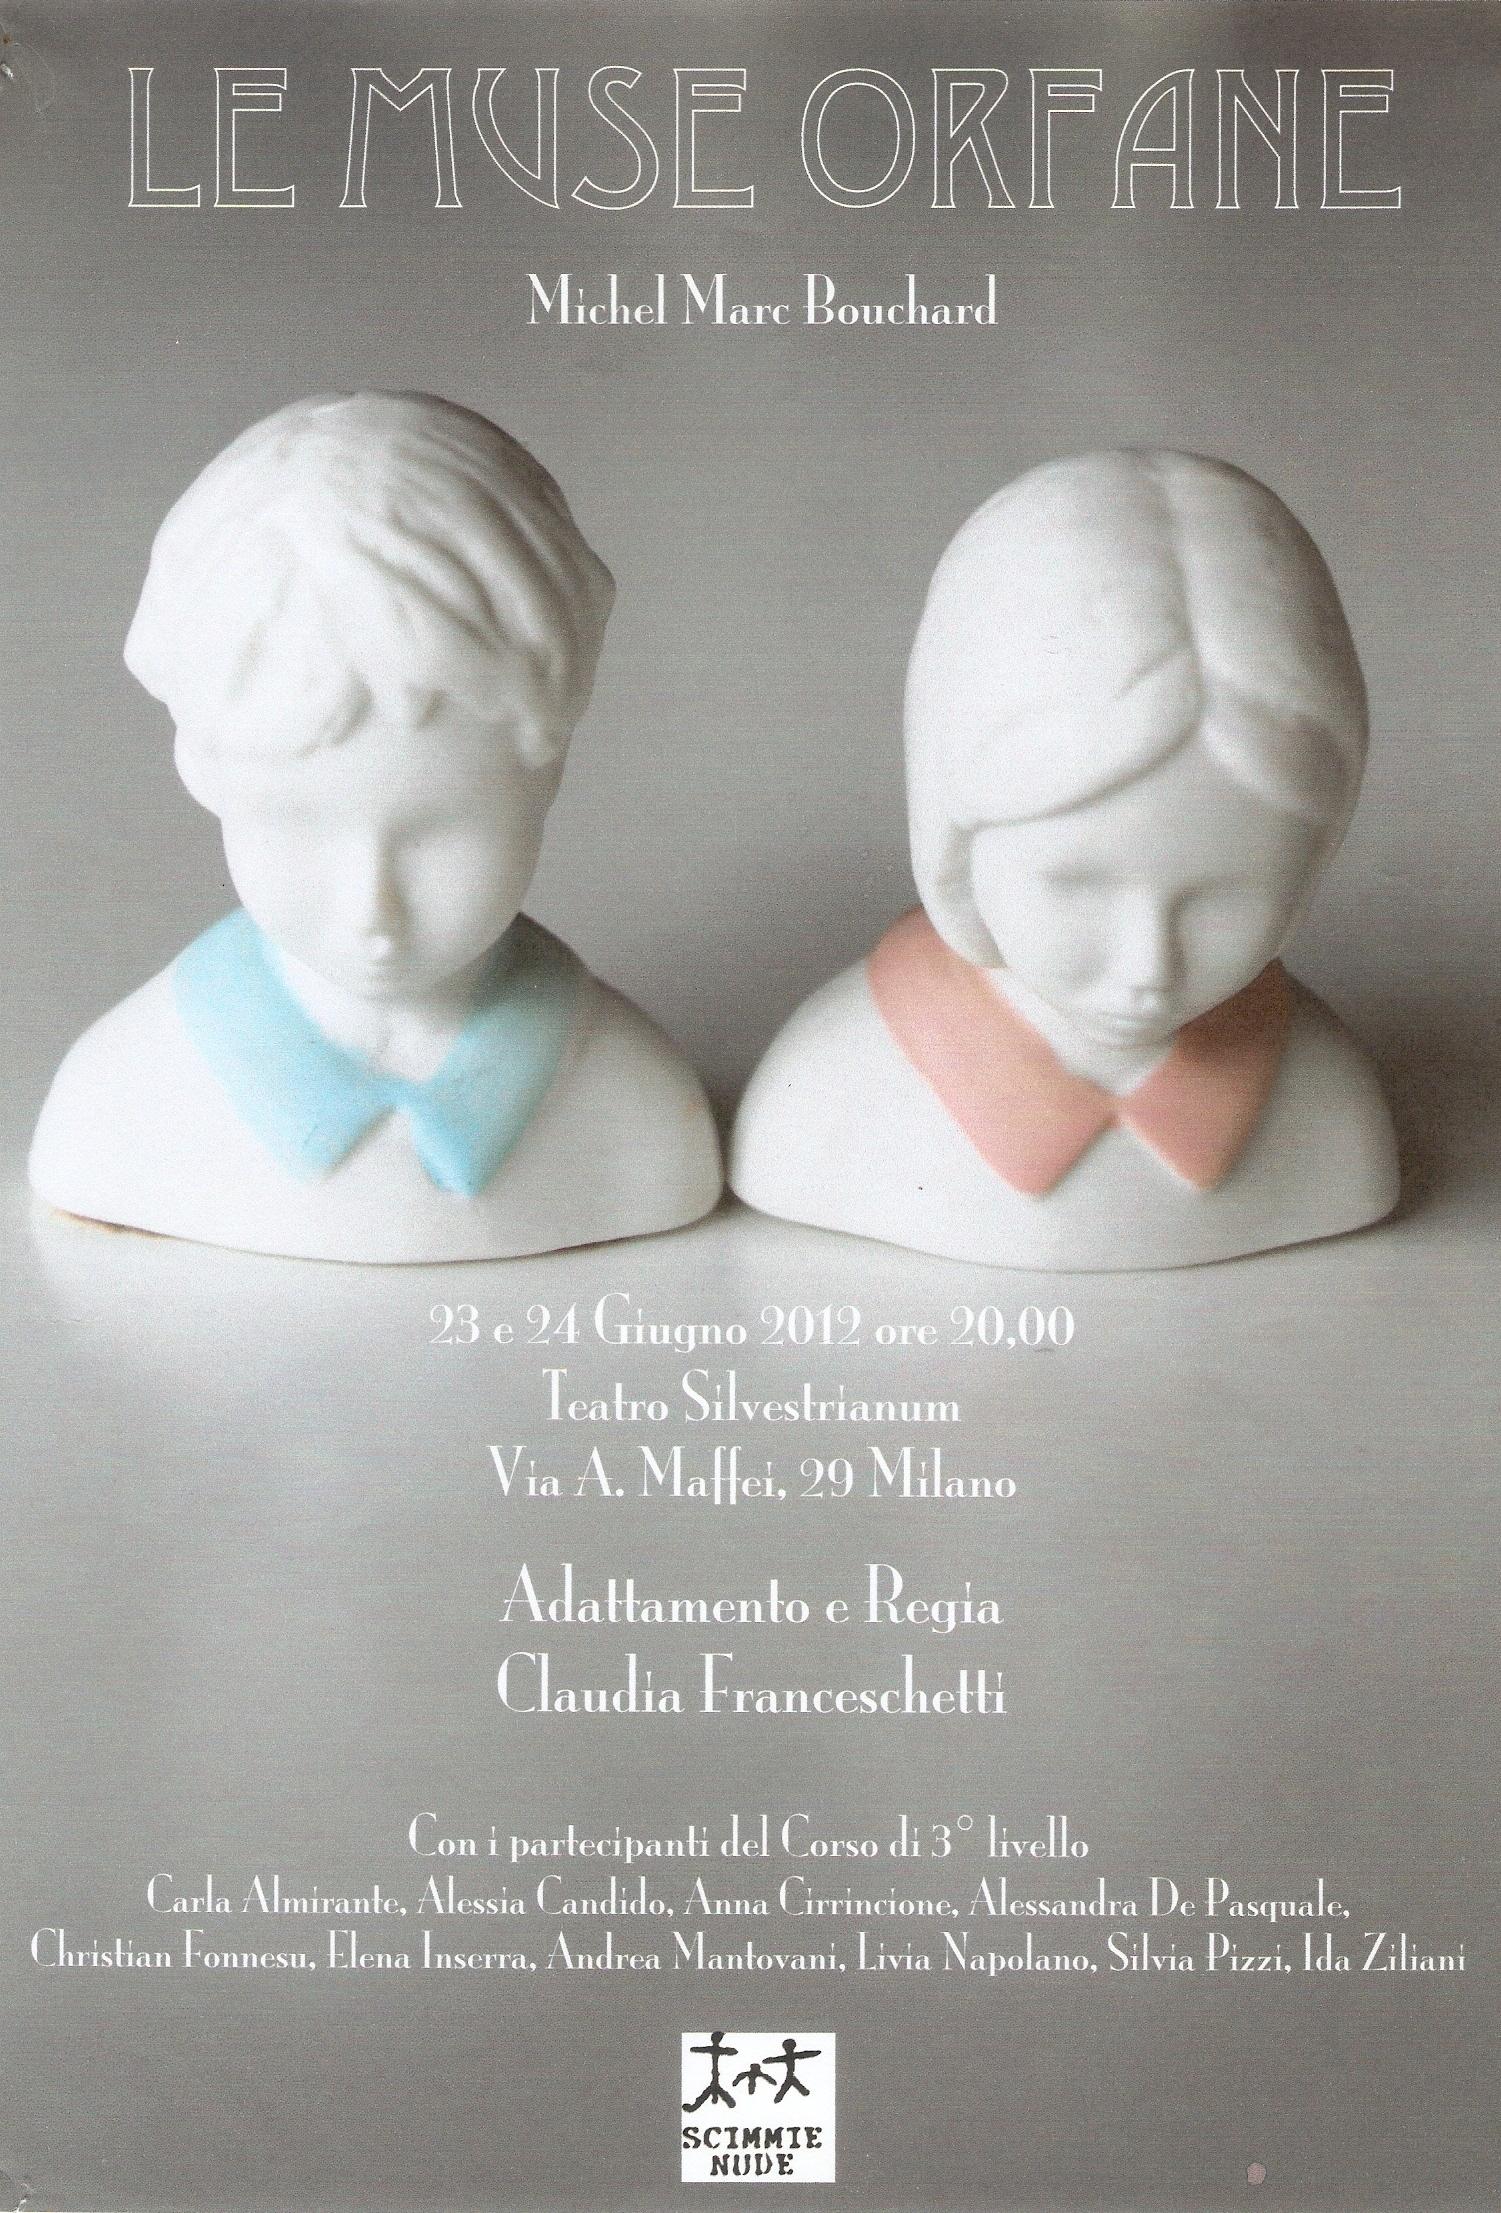 Le-muse-orfane-2011_2012